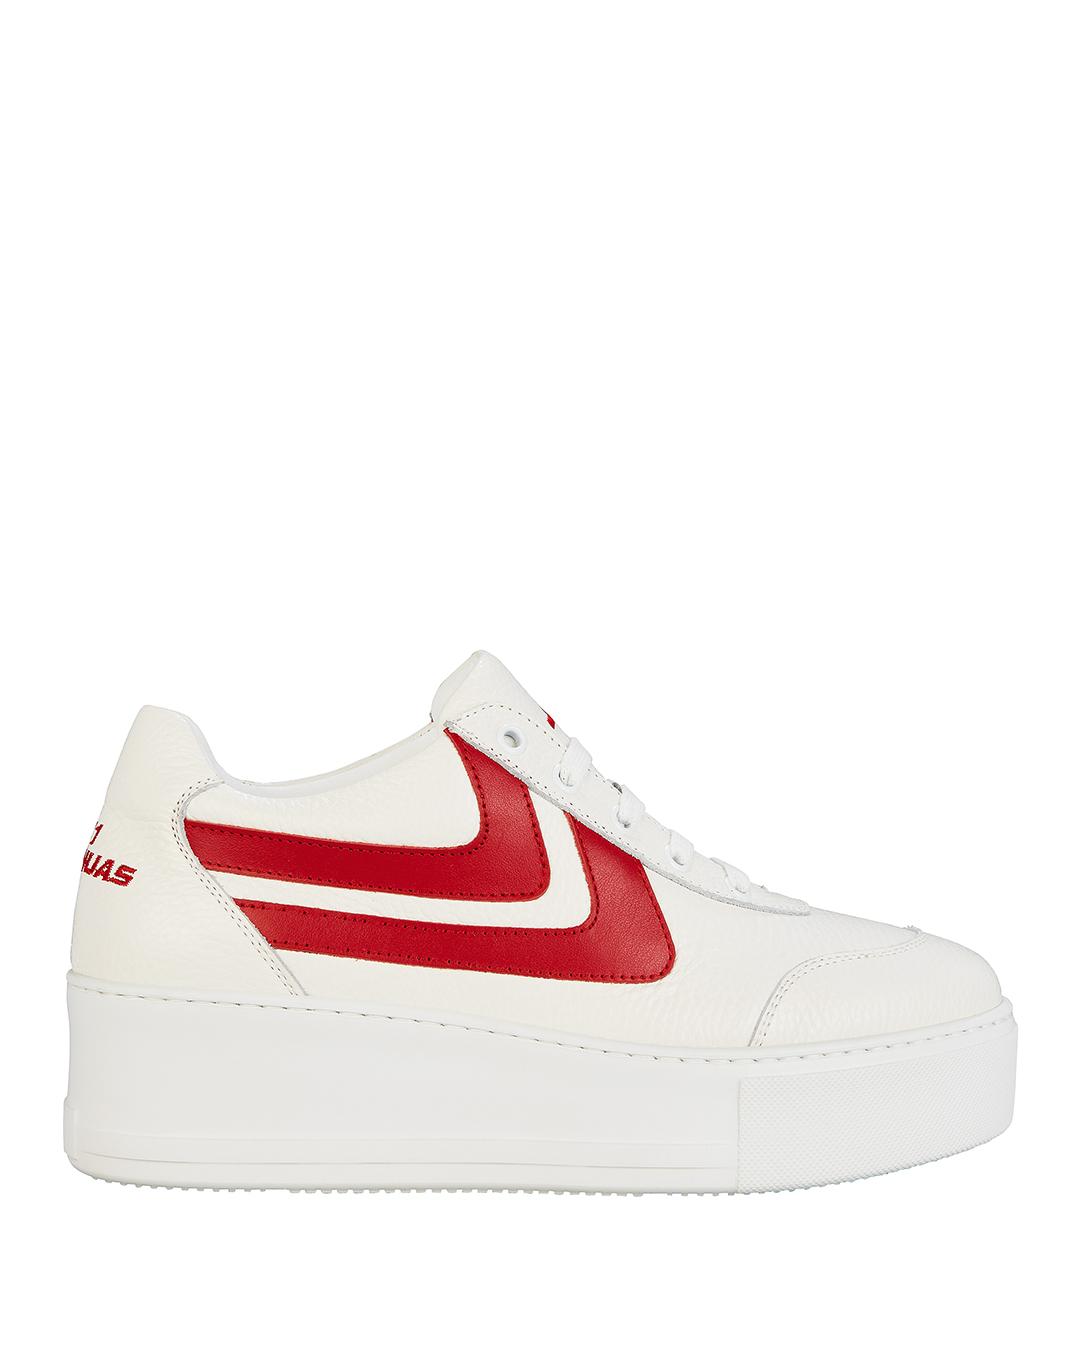 JOSHUA SANDERS Retro Platform Sneakers